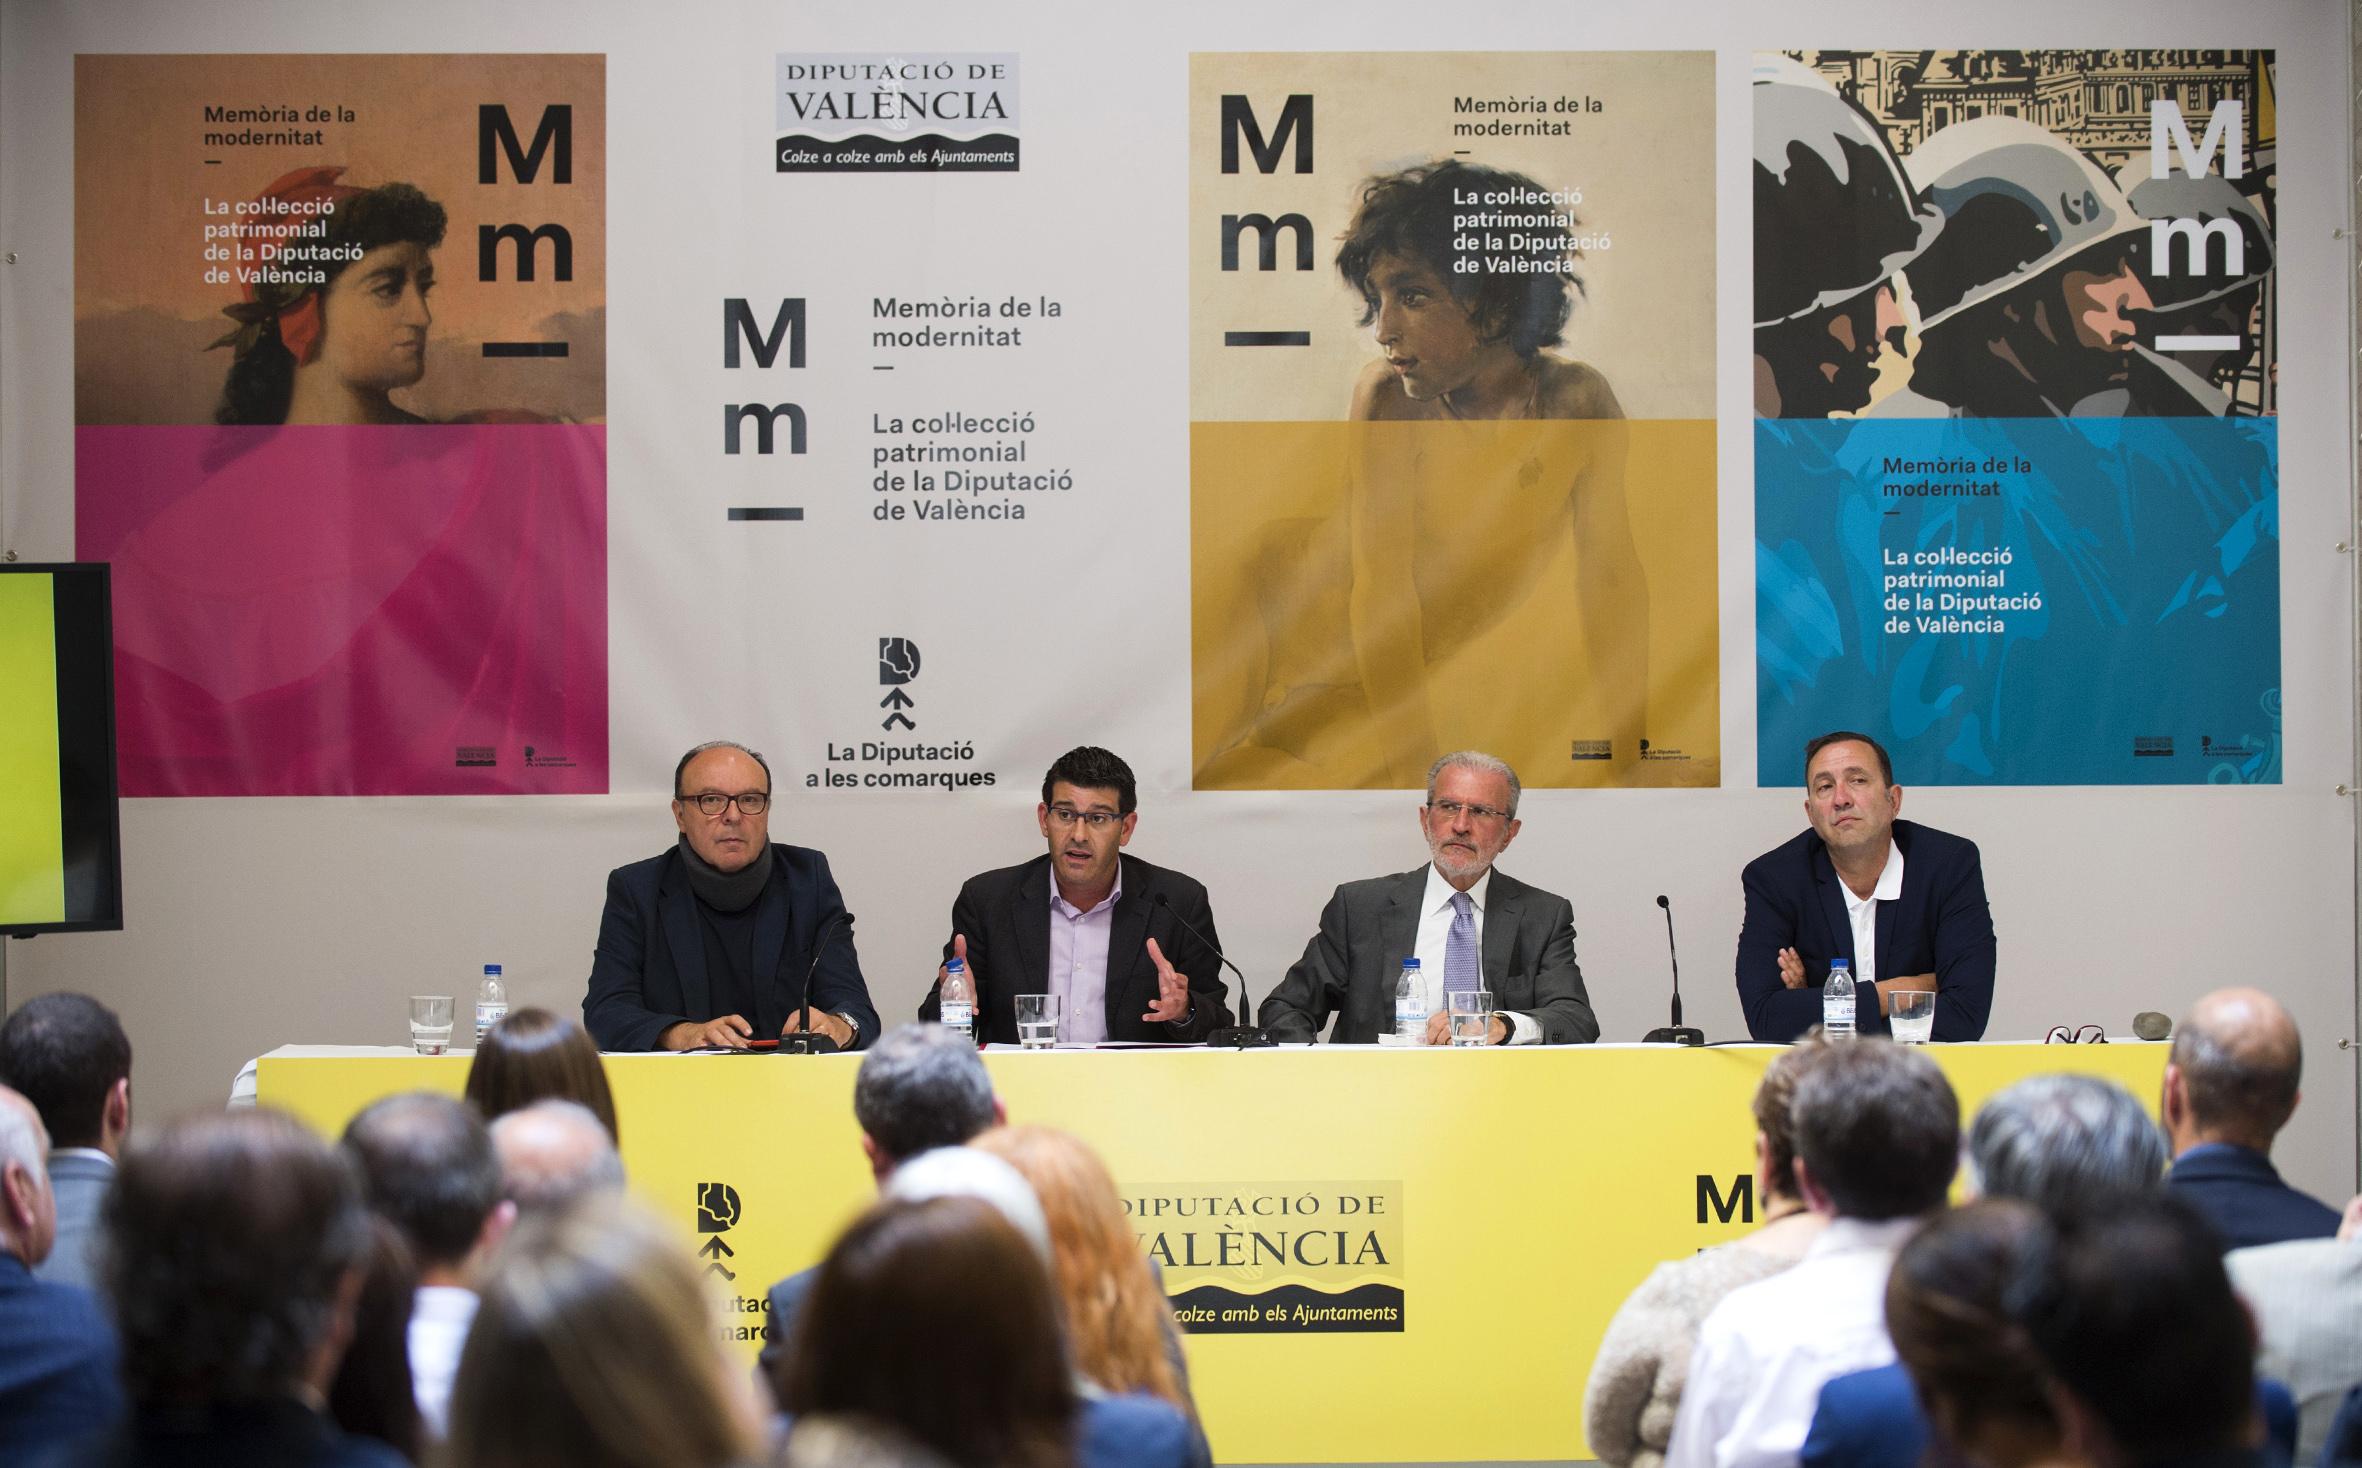 Presentación de la exposición 'Memoria de la modernidad' de la Diputación de Valencia.